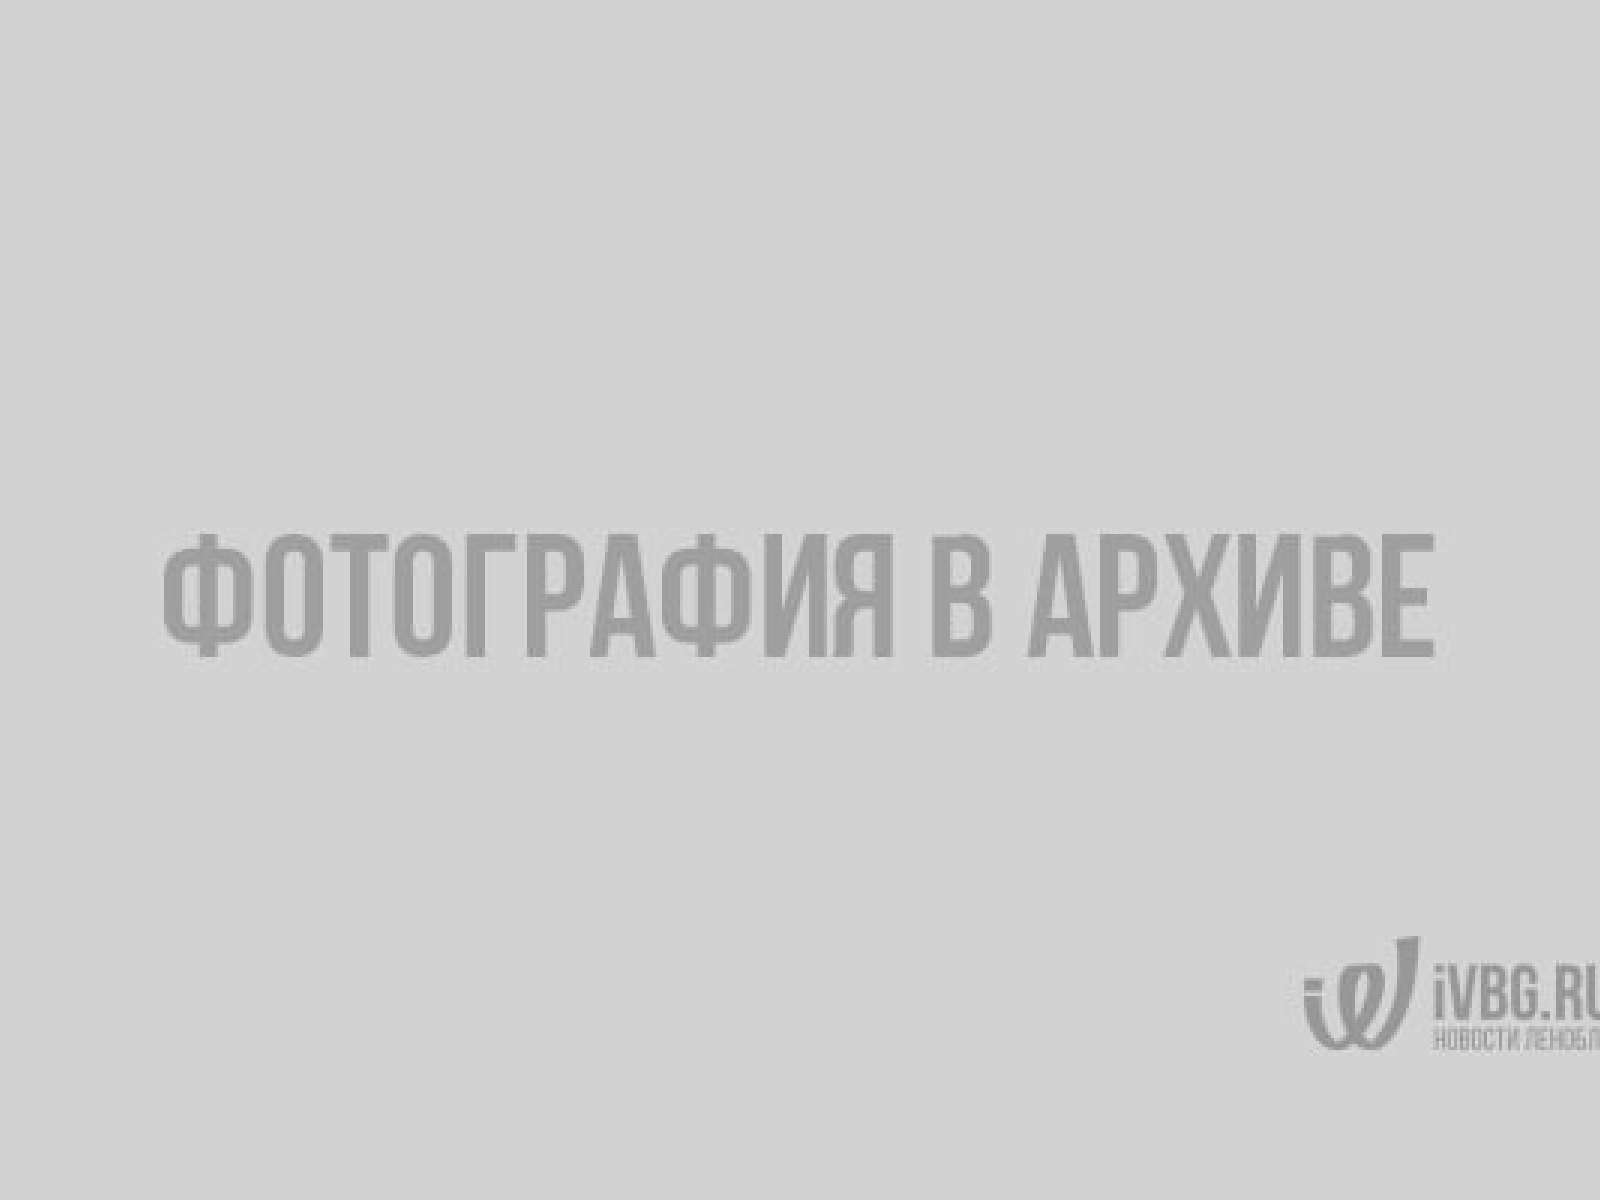 Под Лугой в ДТП погиб пассажир, вылетевший в лобовое стекло погиб пассажир, Лужский район, Ленобласть, ДТП